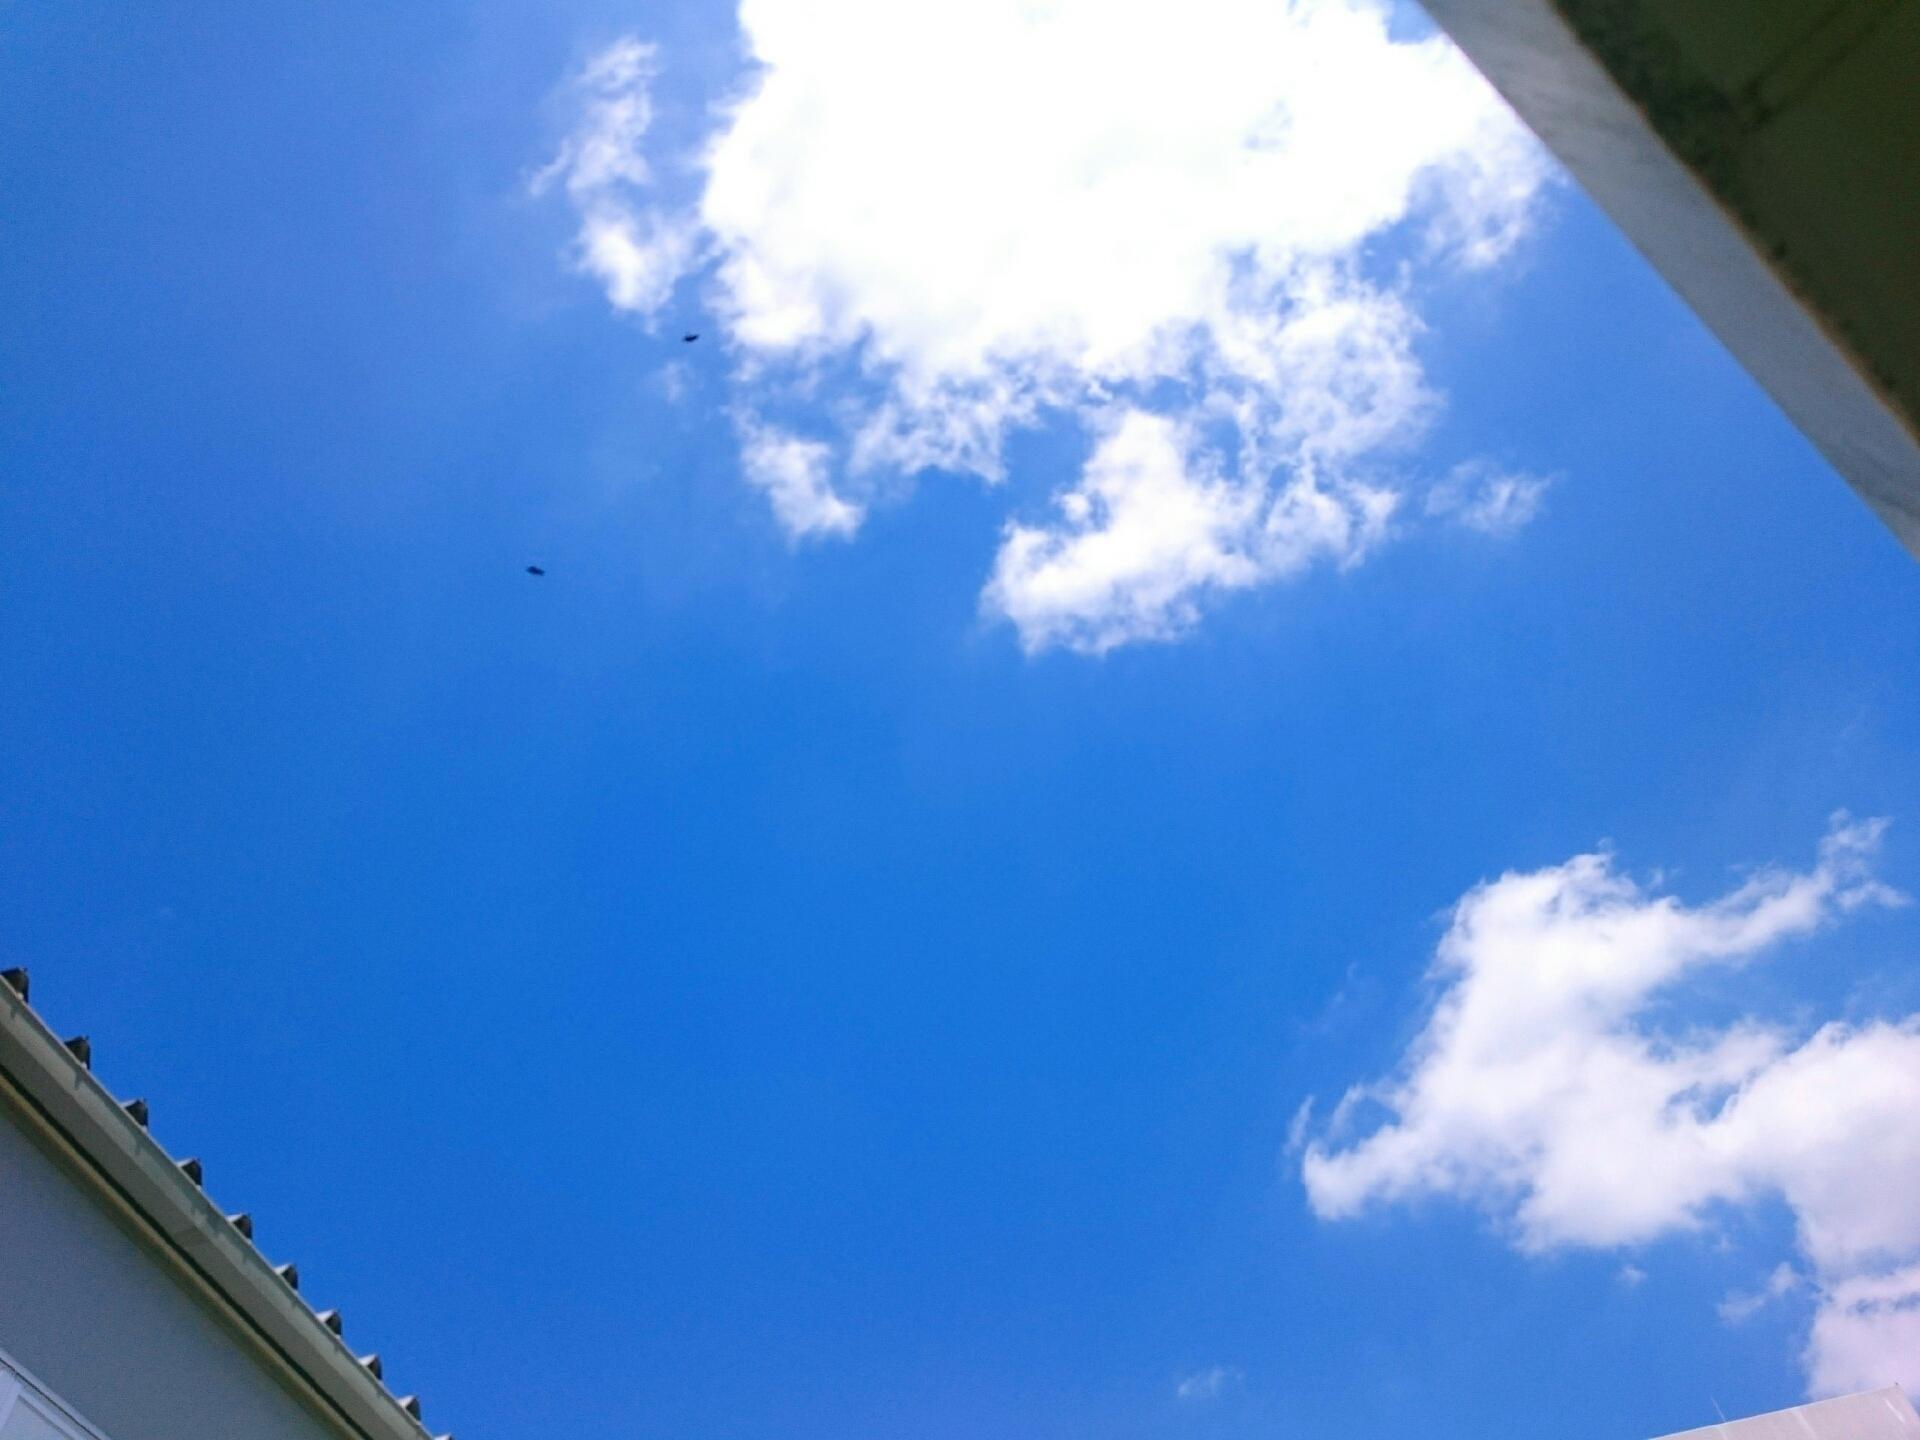 乃木坂46.755スレ★8 [無断転載禁止]©2ch.net->画像>462枚